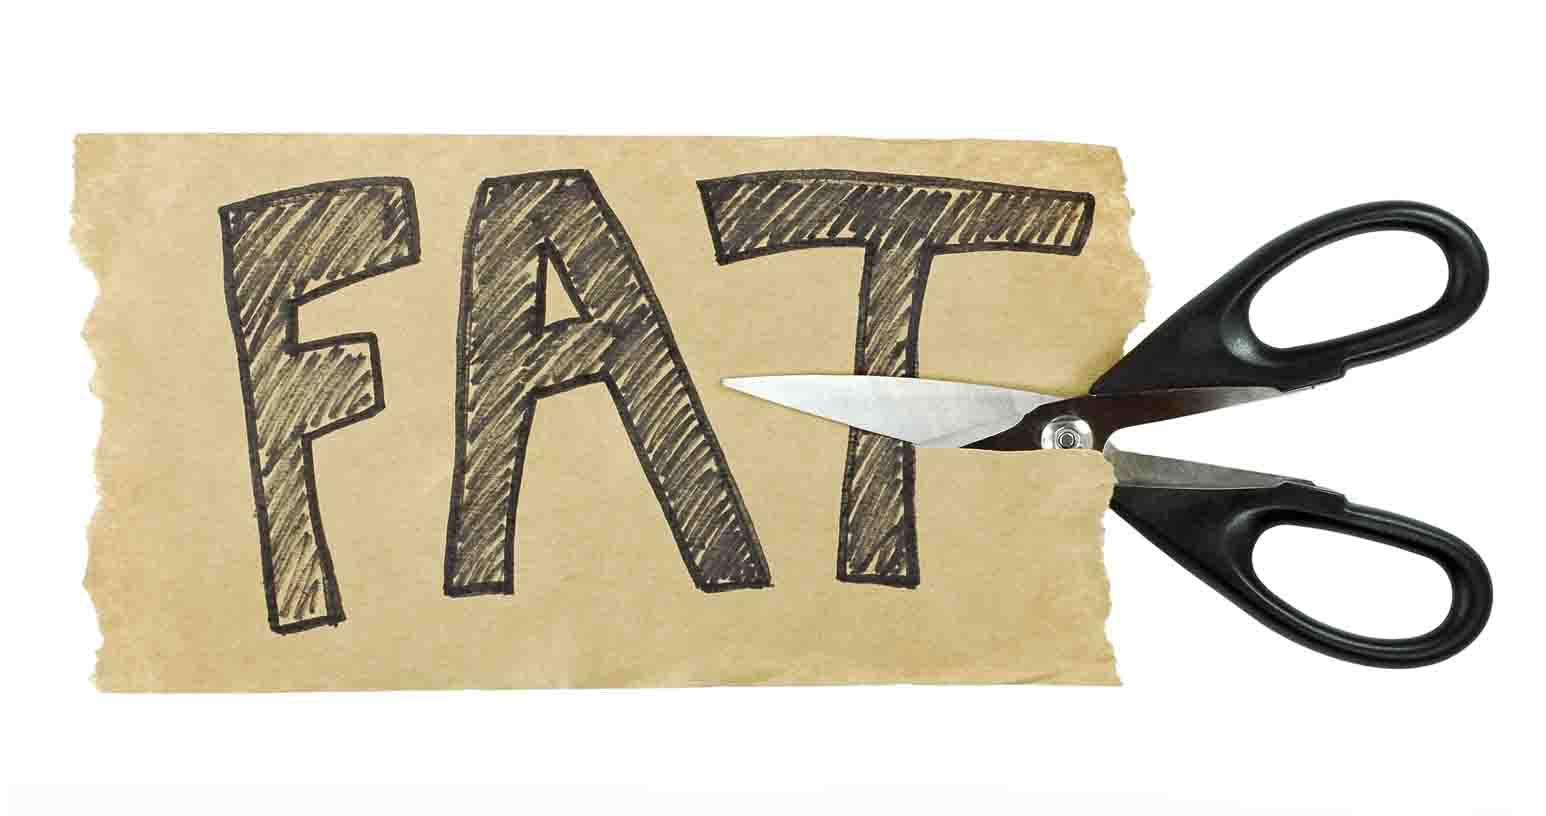 روشی عالی بدون احساس گرسنگی برای کاهش وزن